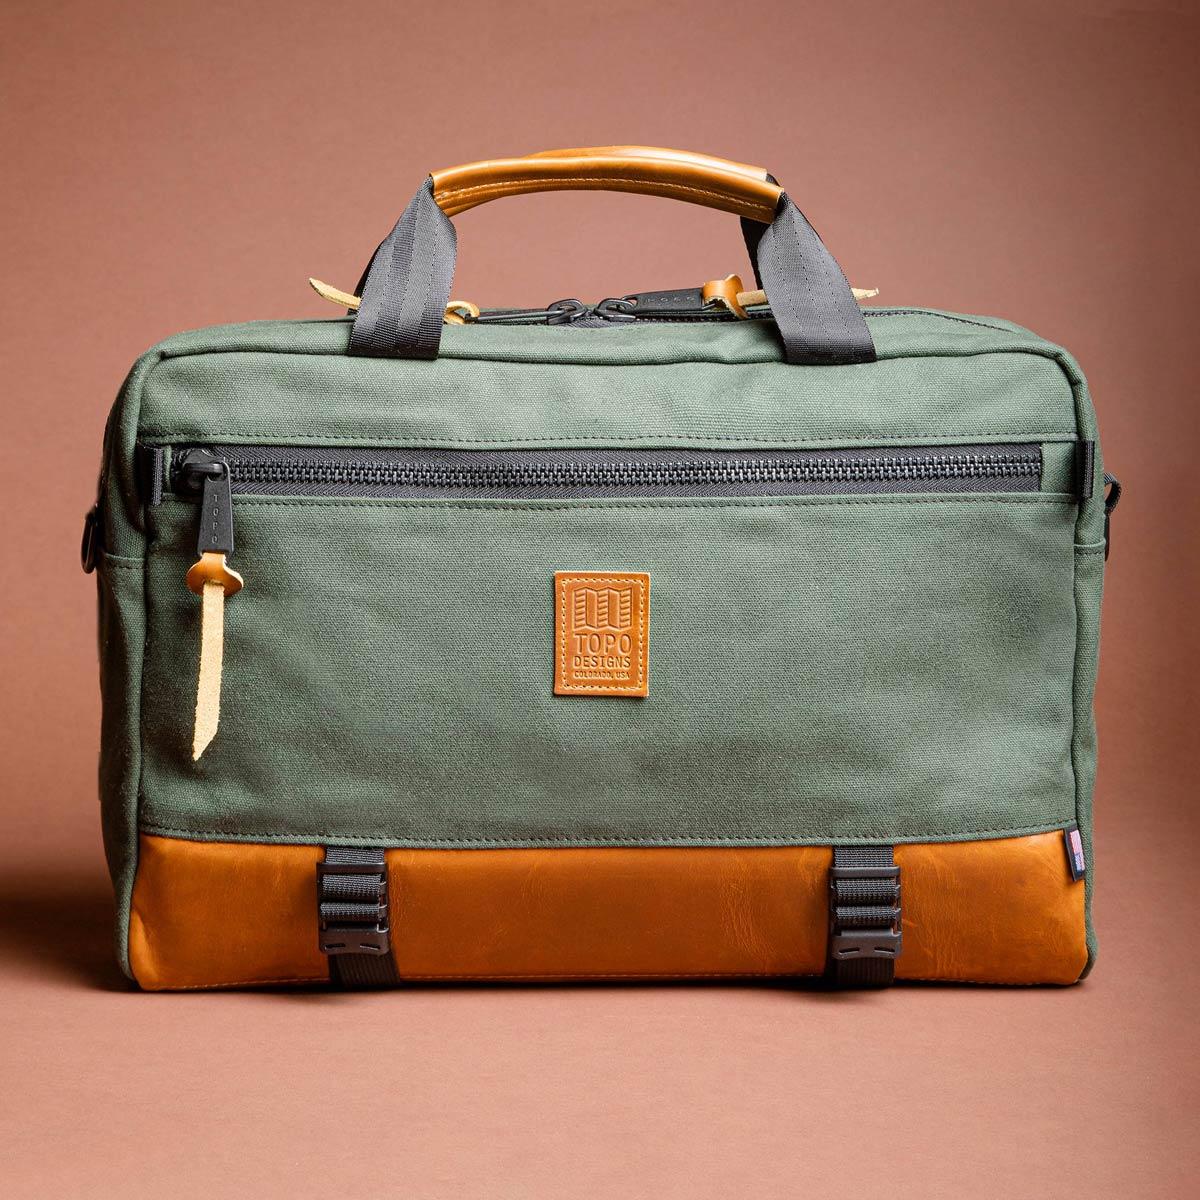 Topo Designs Commuter Briefcase Heritage Olive Canvas/Brown Leather, Aktentasche, Umhängetasche und Rucksack